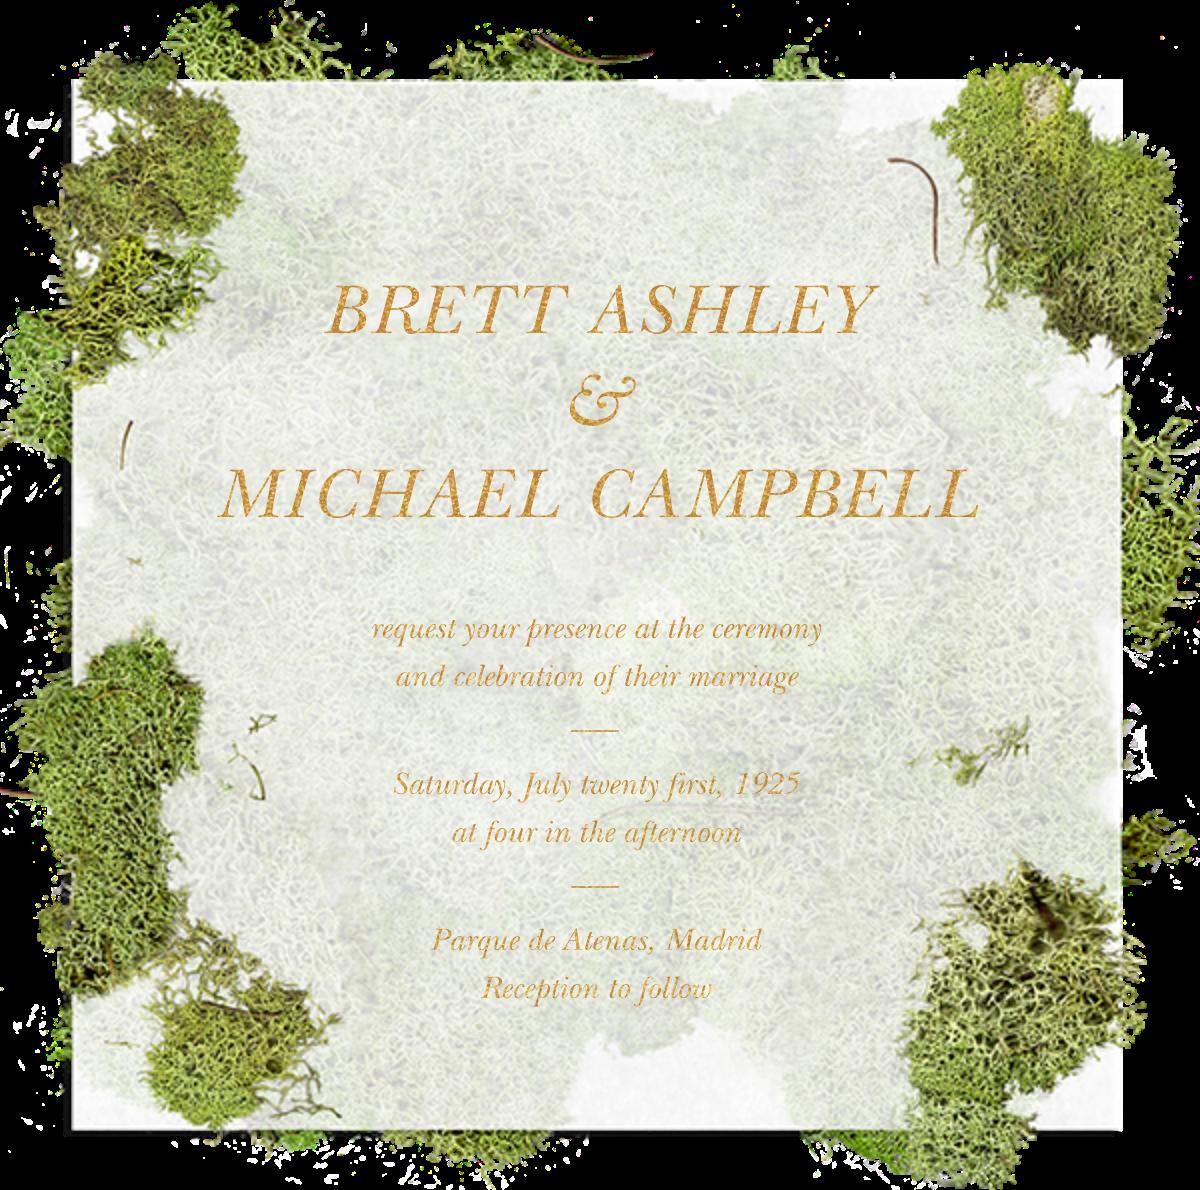 Moss Heart - Paperless Post - All